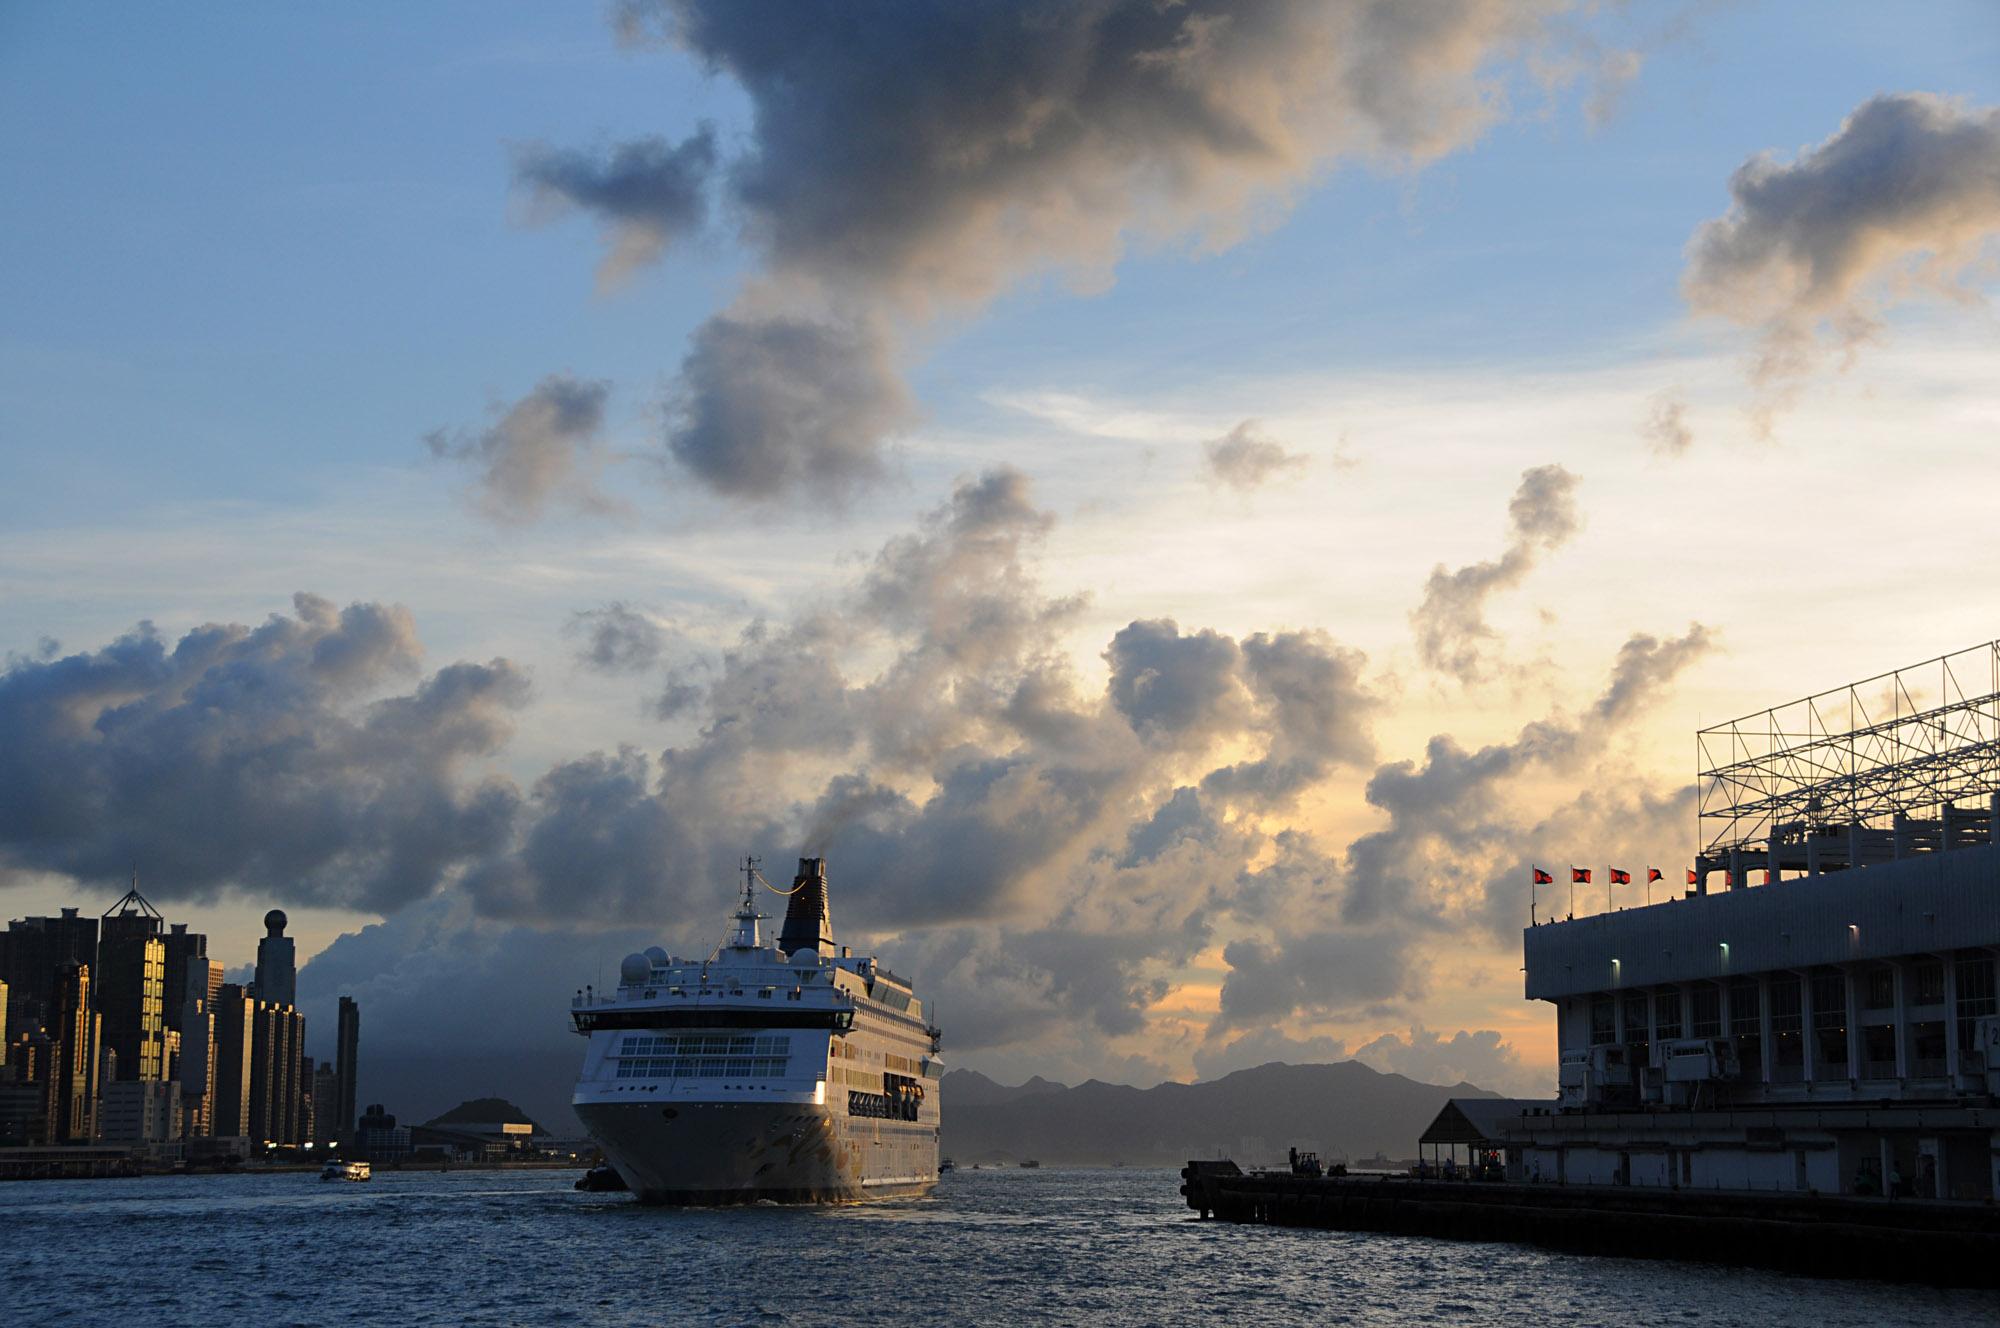 香港 先週末、香港に行ってました。LCCのPeachの香港就航記念のバーゲンチ... 先週末、香